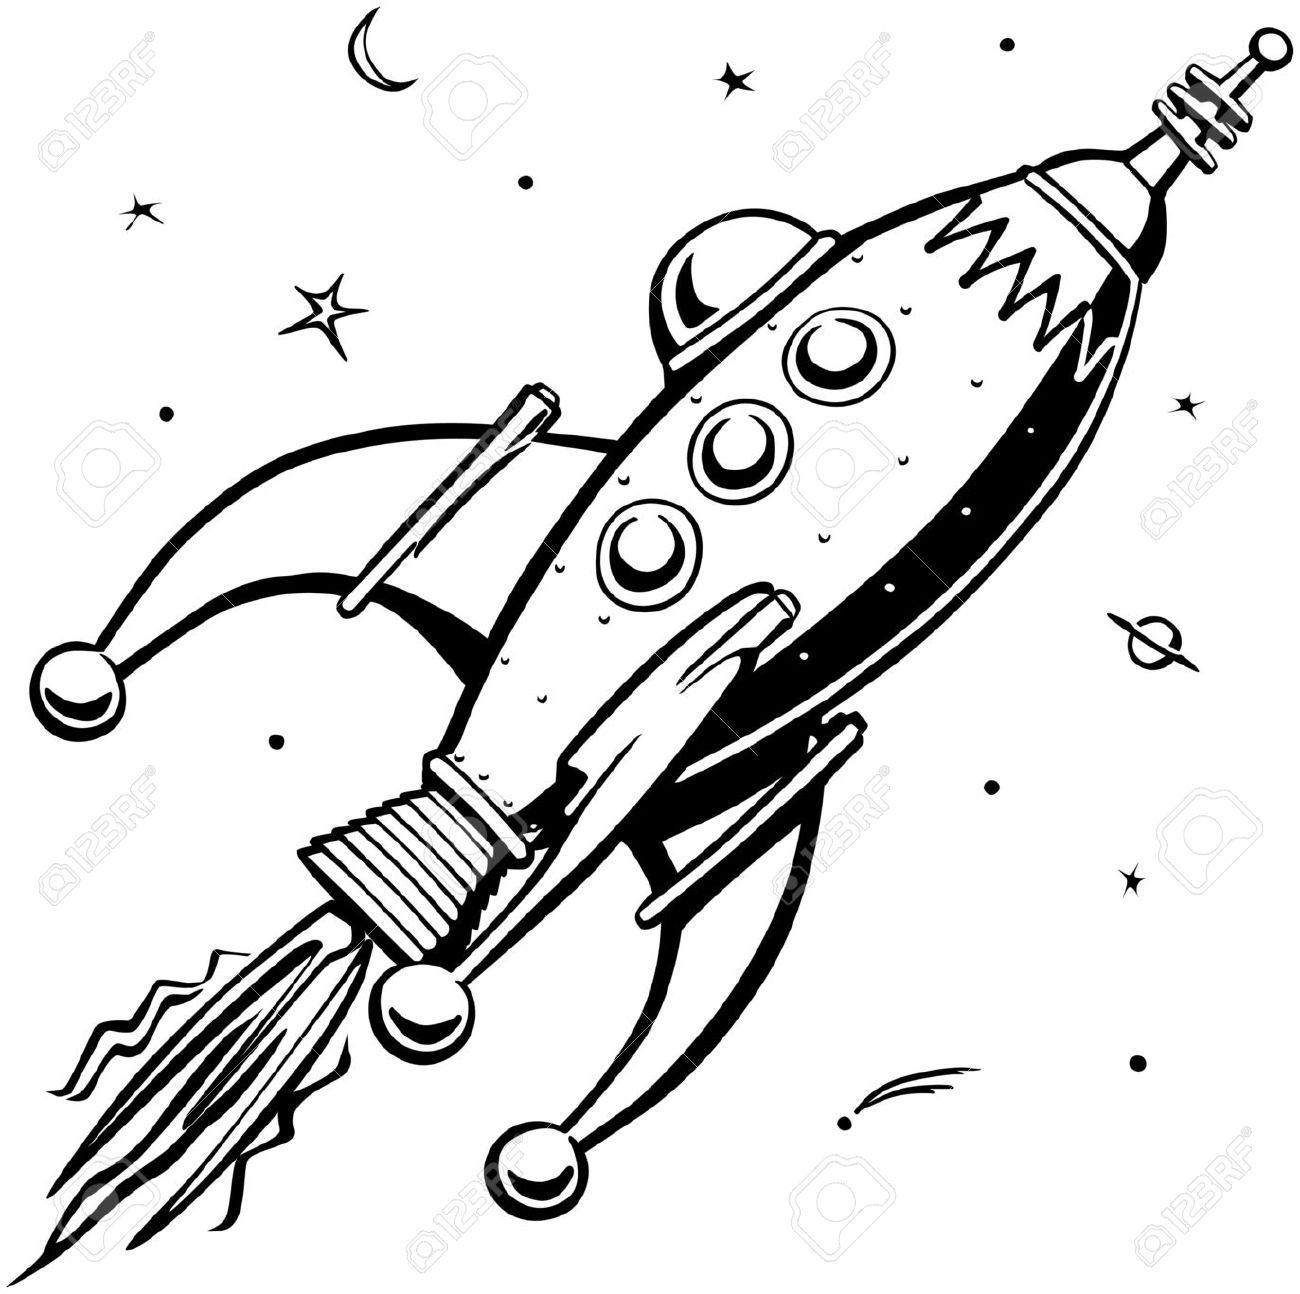 Rocket Drawing At Getdrawings